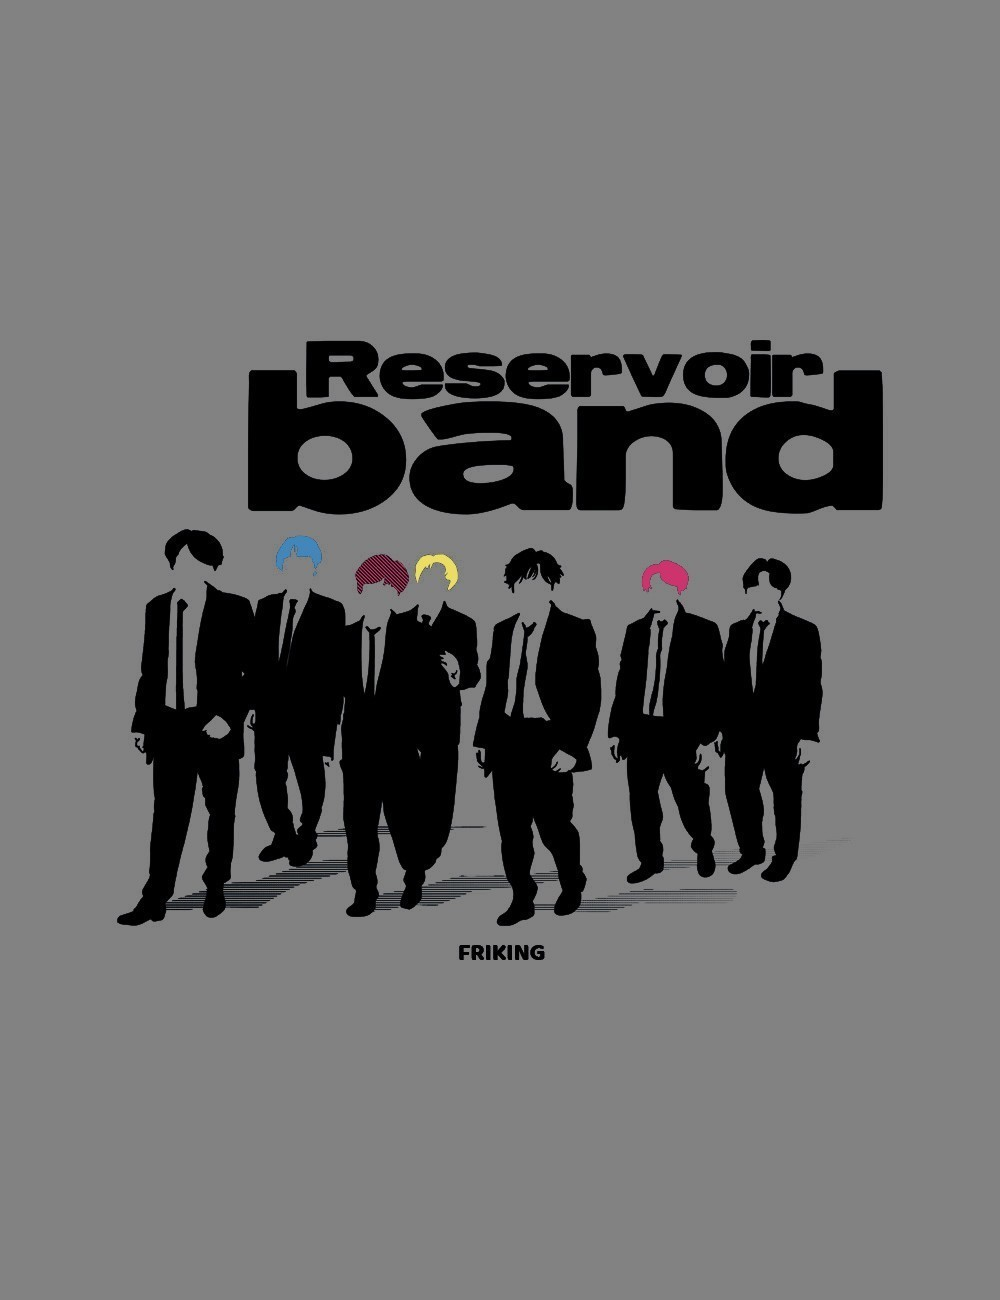 Reservoir band